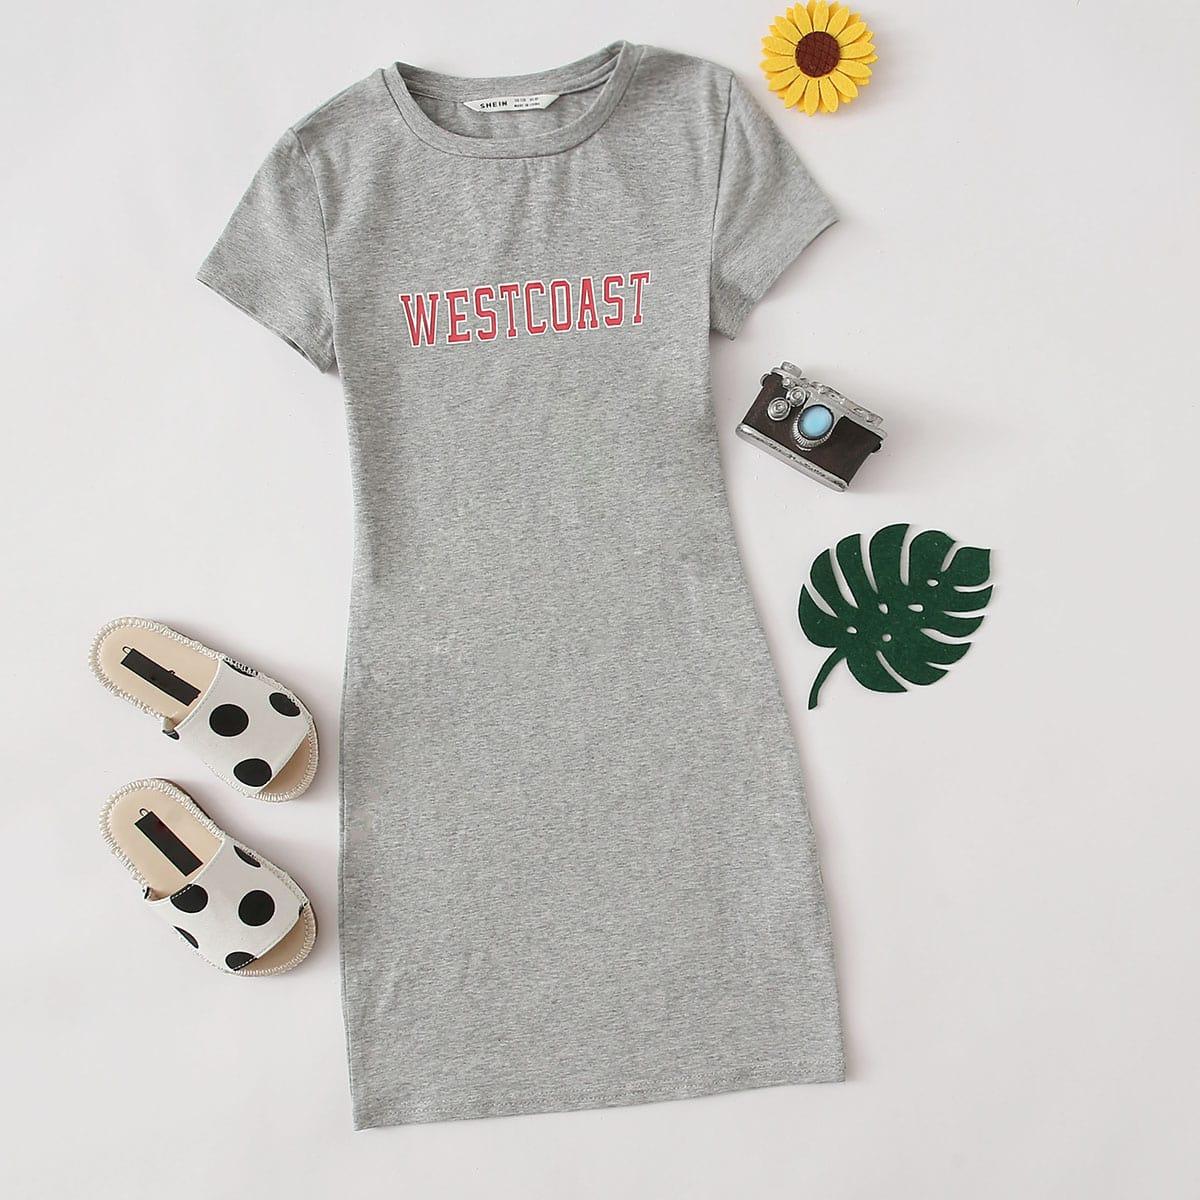 Облегающее платье с текстовым принтом для девочек фото